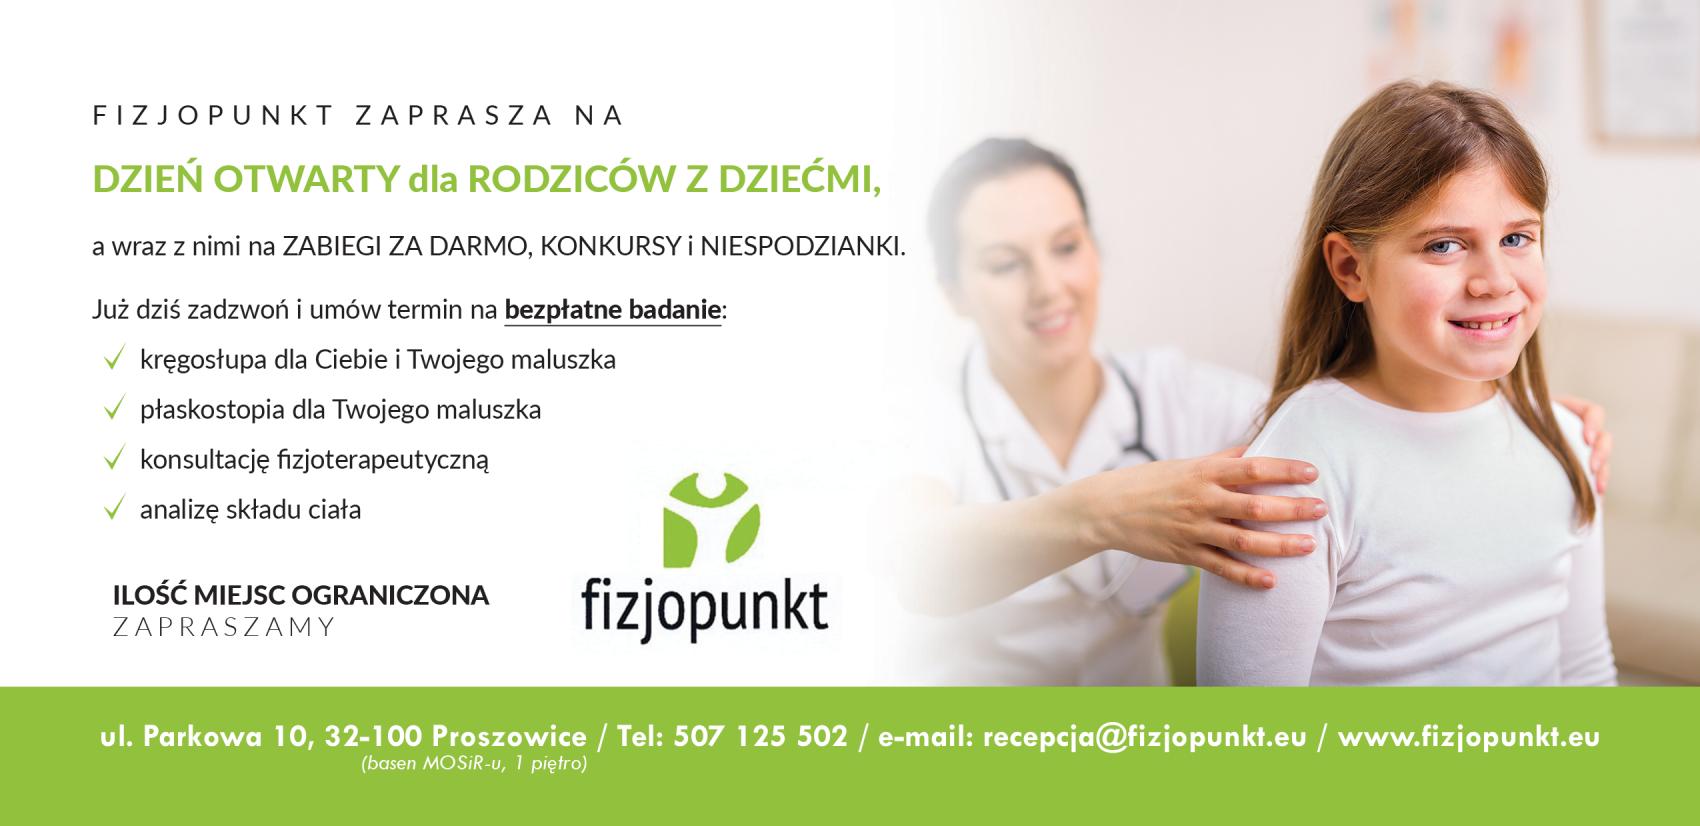 PROSZOWICE_fizjopunkt_druk-2